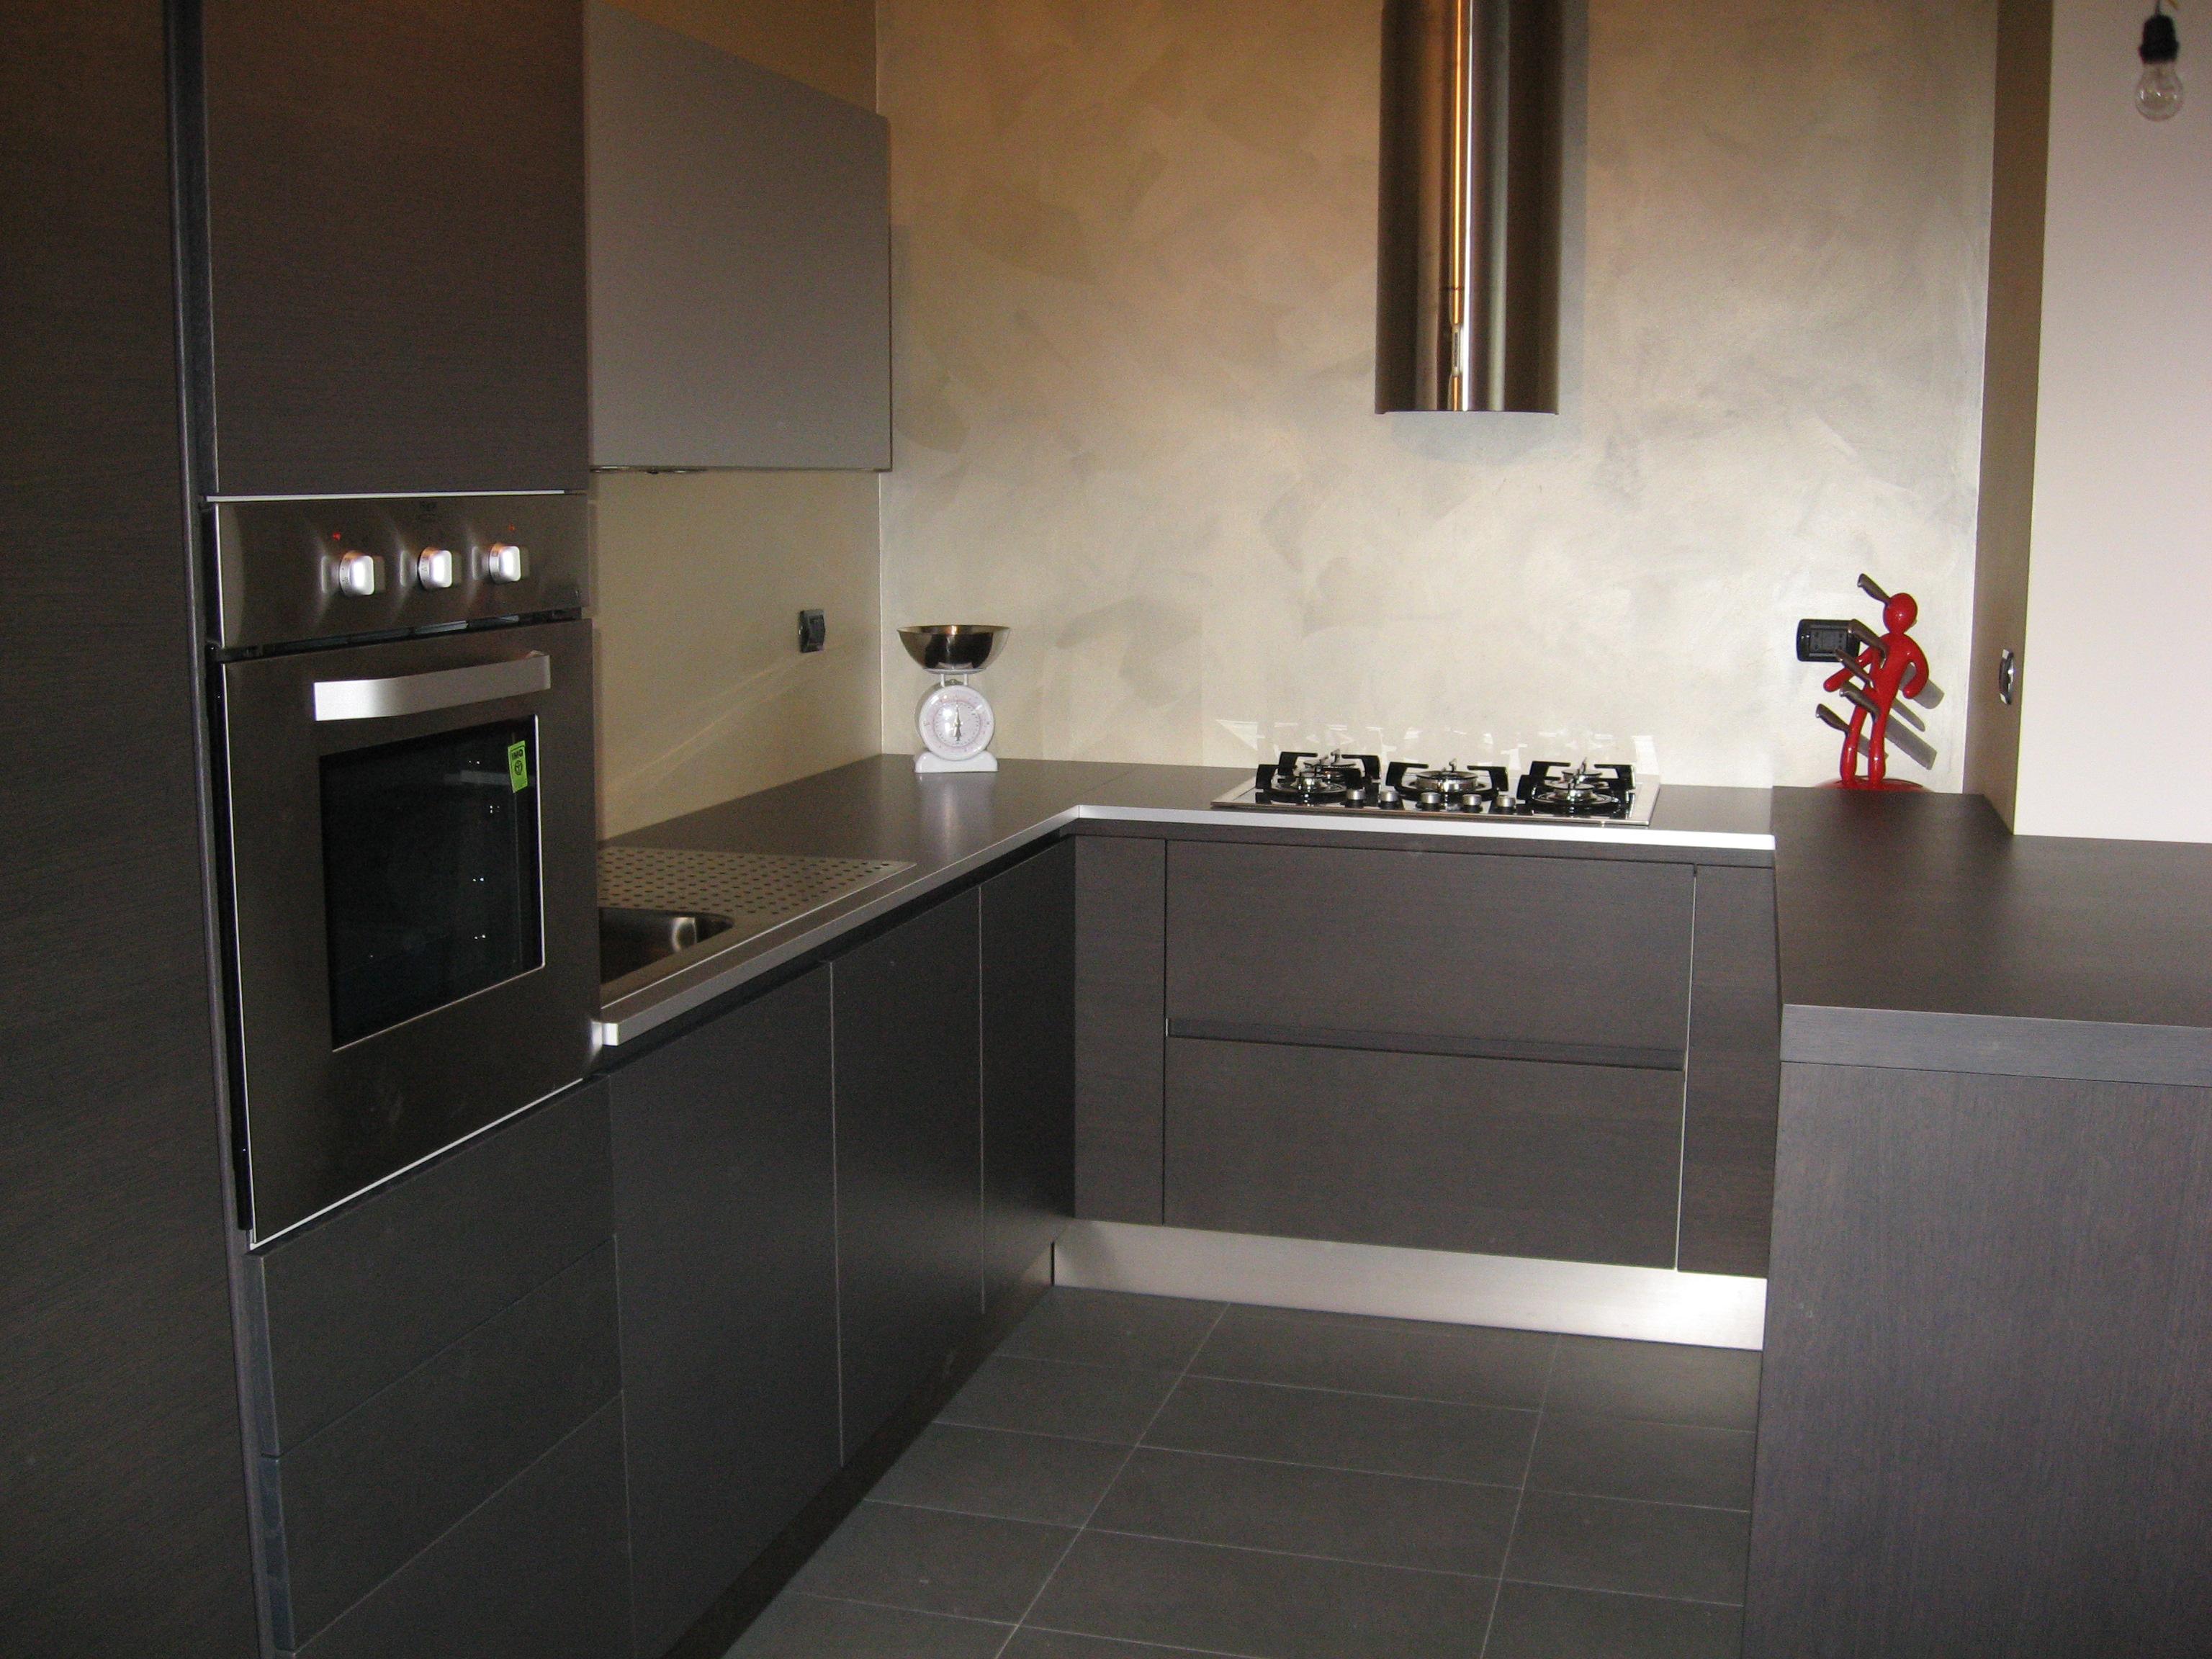 Le cucine migliori free esszimmer unico le pi belle cucine moderne paradise kitchen le cucine - Le migliori cucine italiane ...